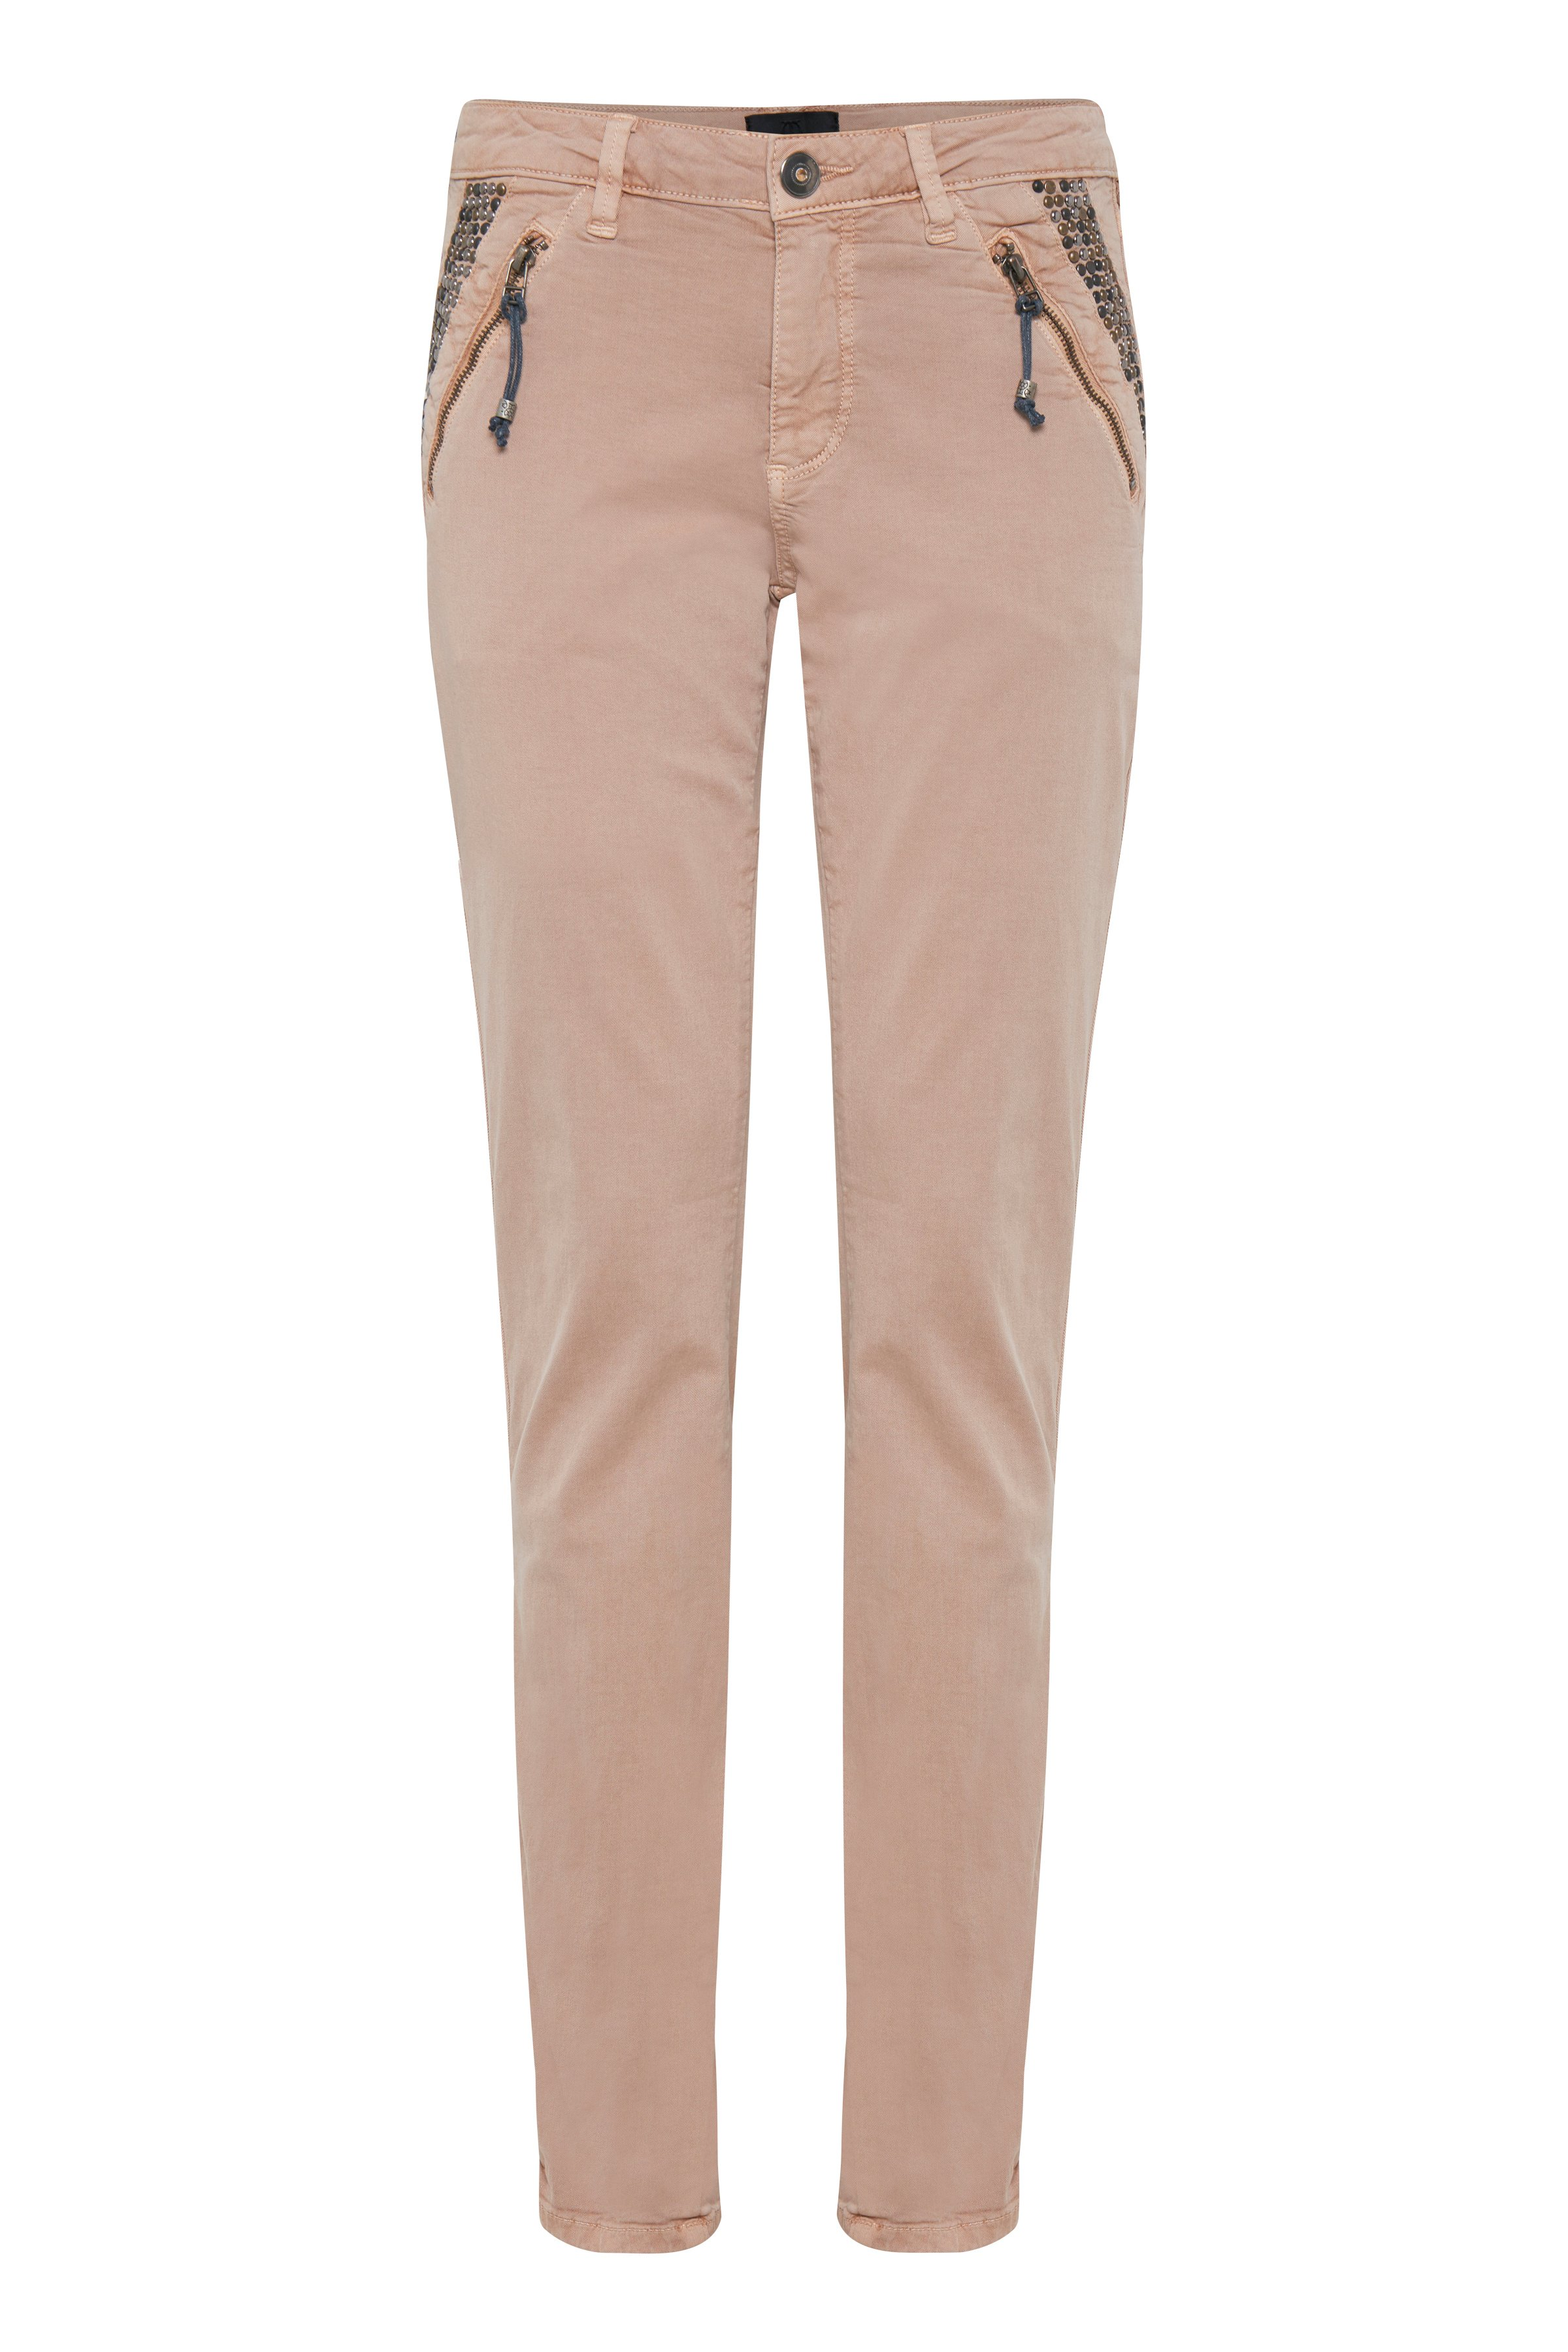 Pulz Jeans Dame Casual broek - Tan